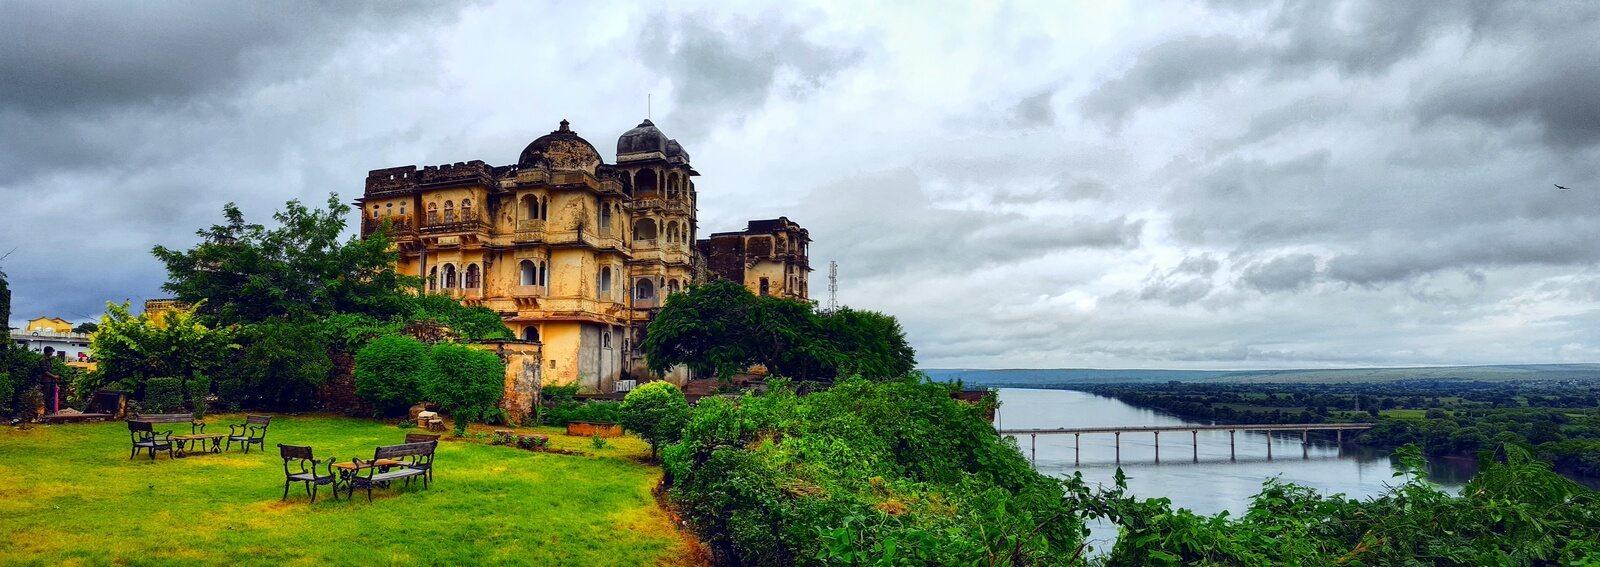 Bhainsrorgarh Fort